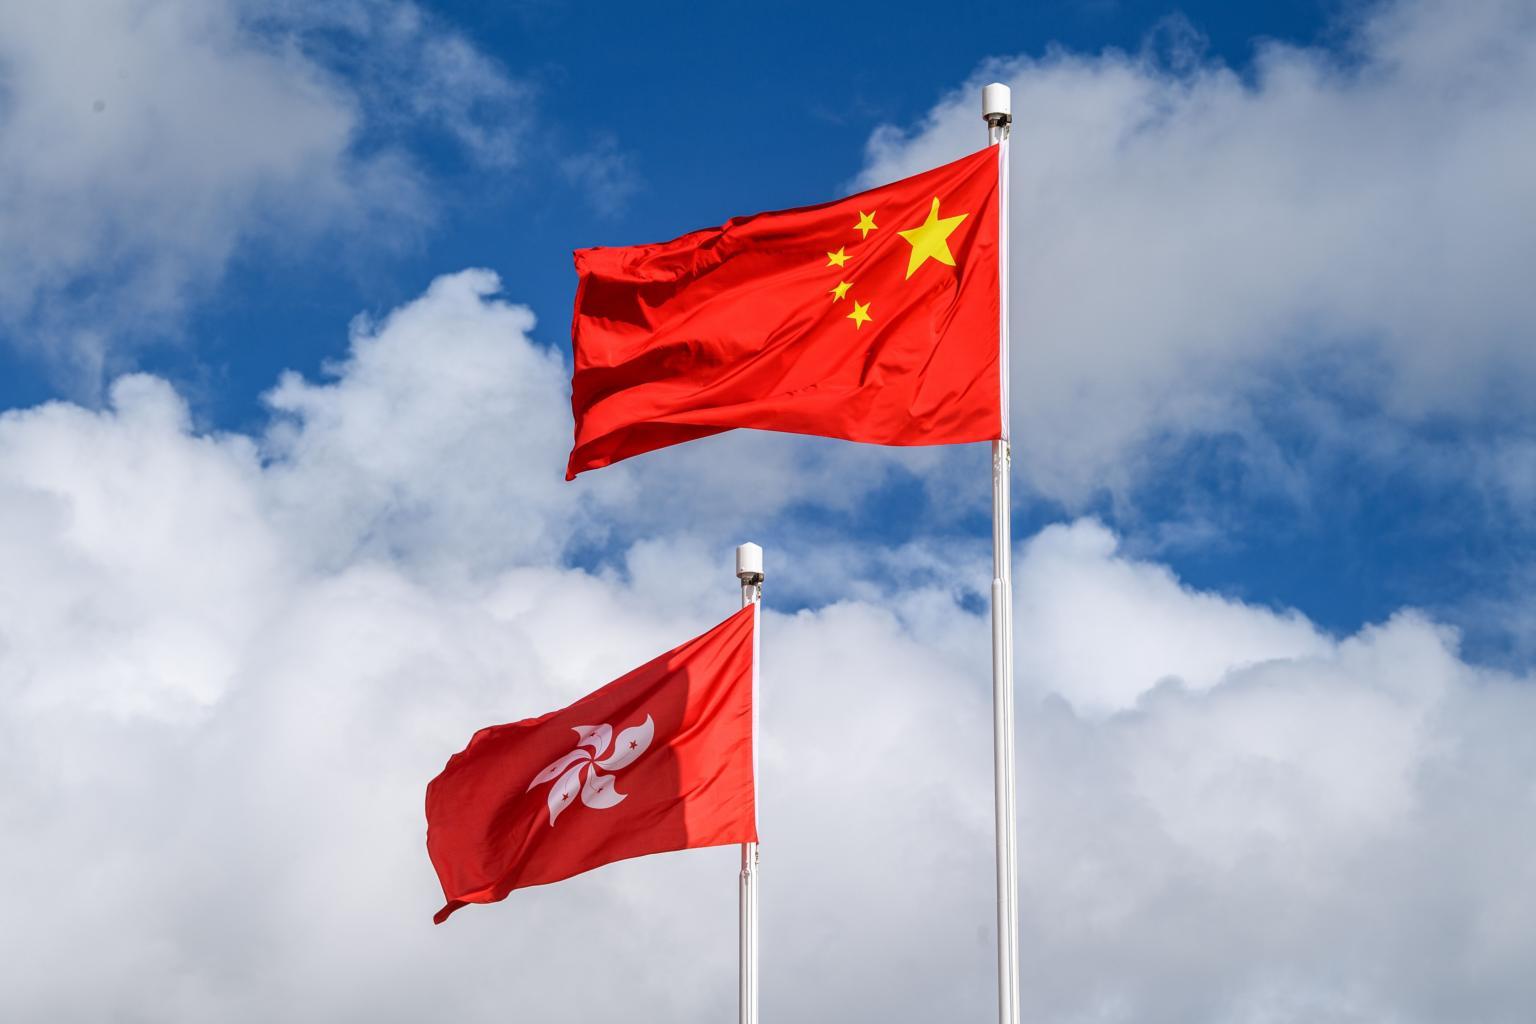 Mỹ tính đến đòn đánh mới vào hệ thống tài chính Hong Kong - Ảnh 1.